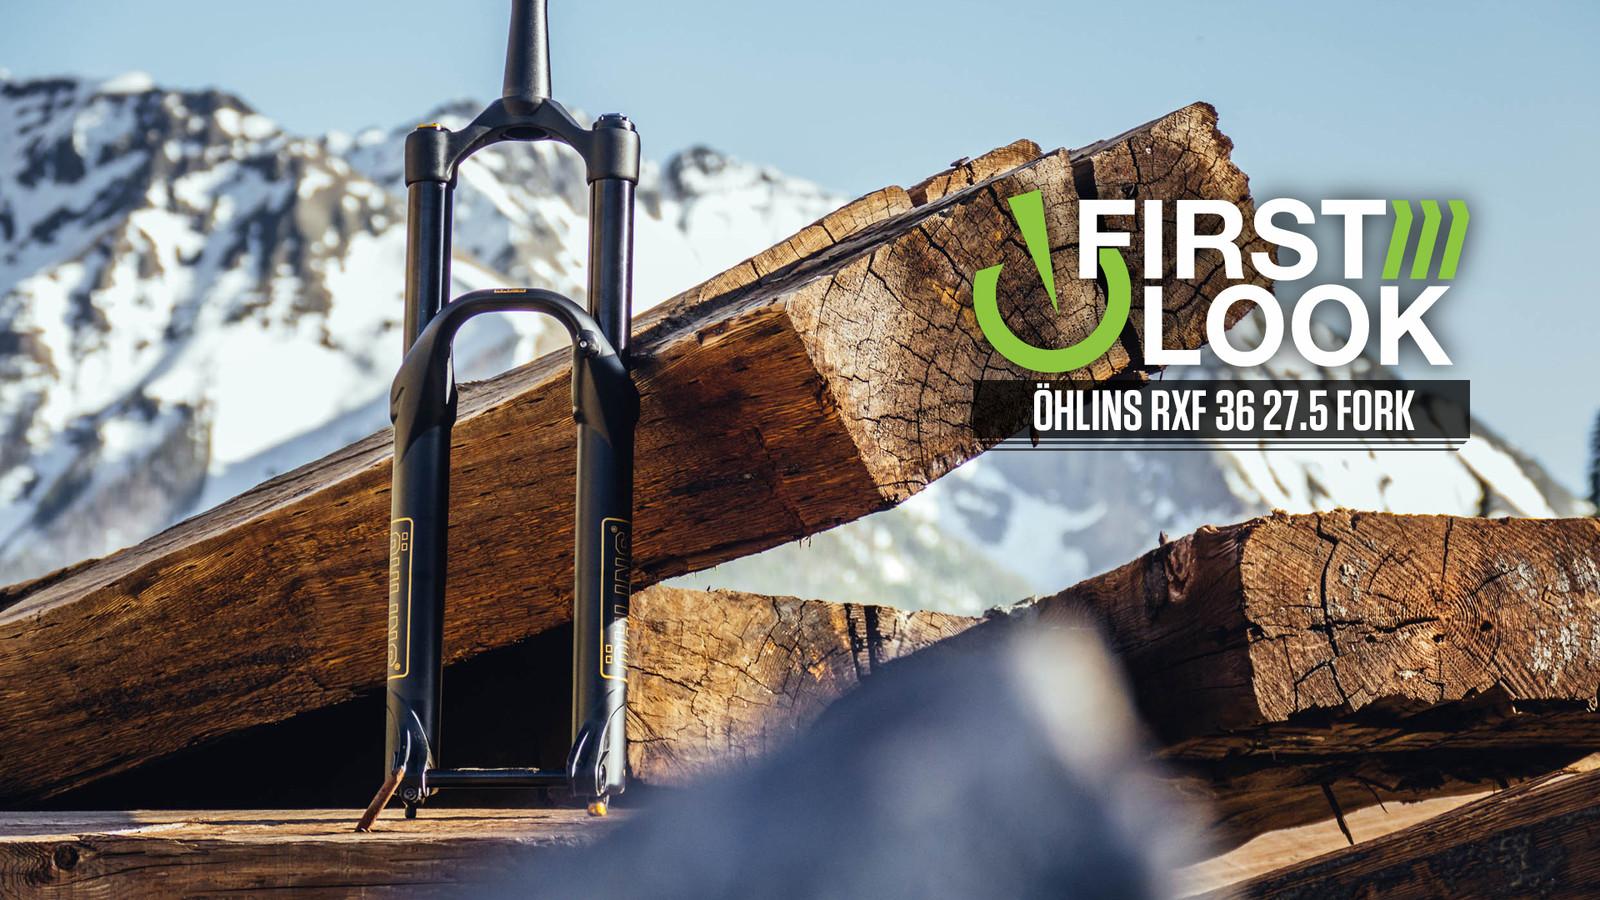 First Look: Öhlins RXF 36 27.5 Fork - Sweden's Big Hit Contender